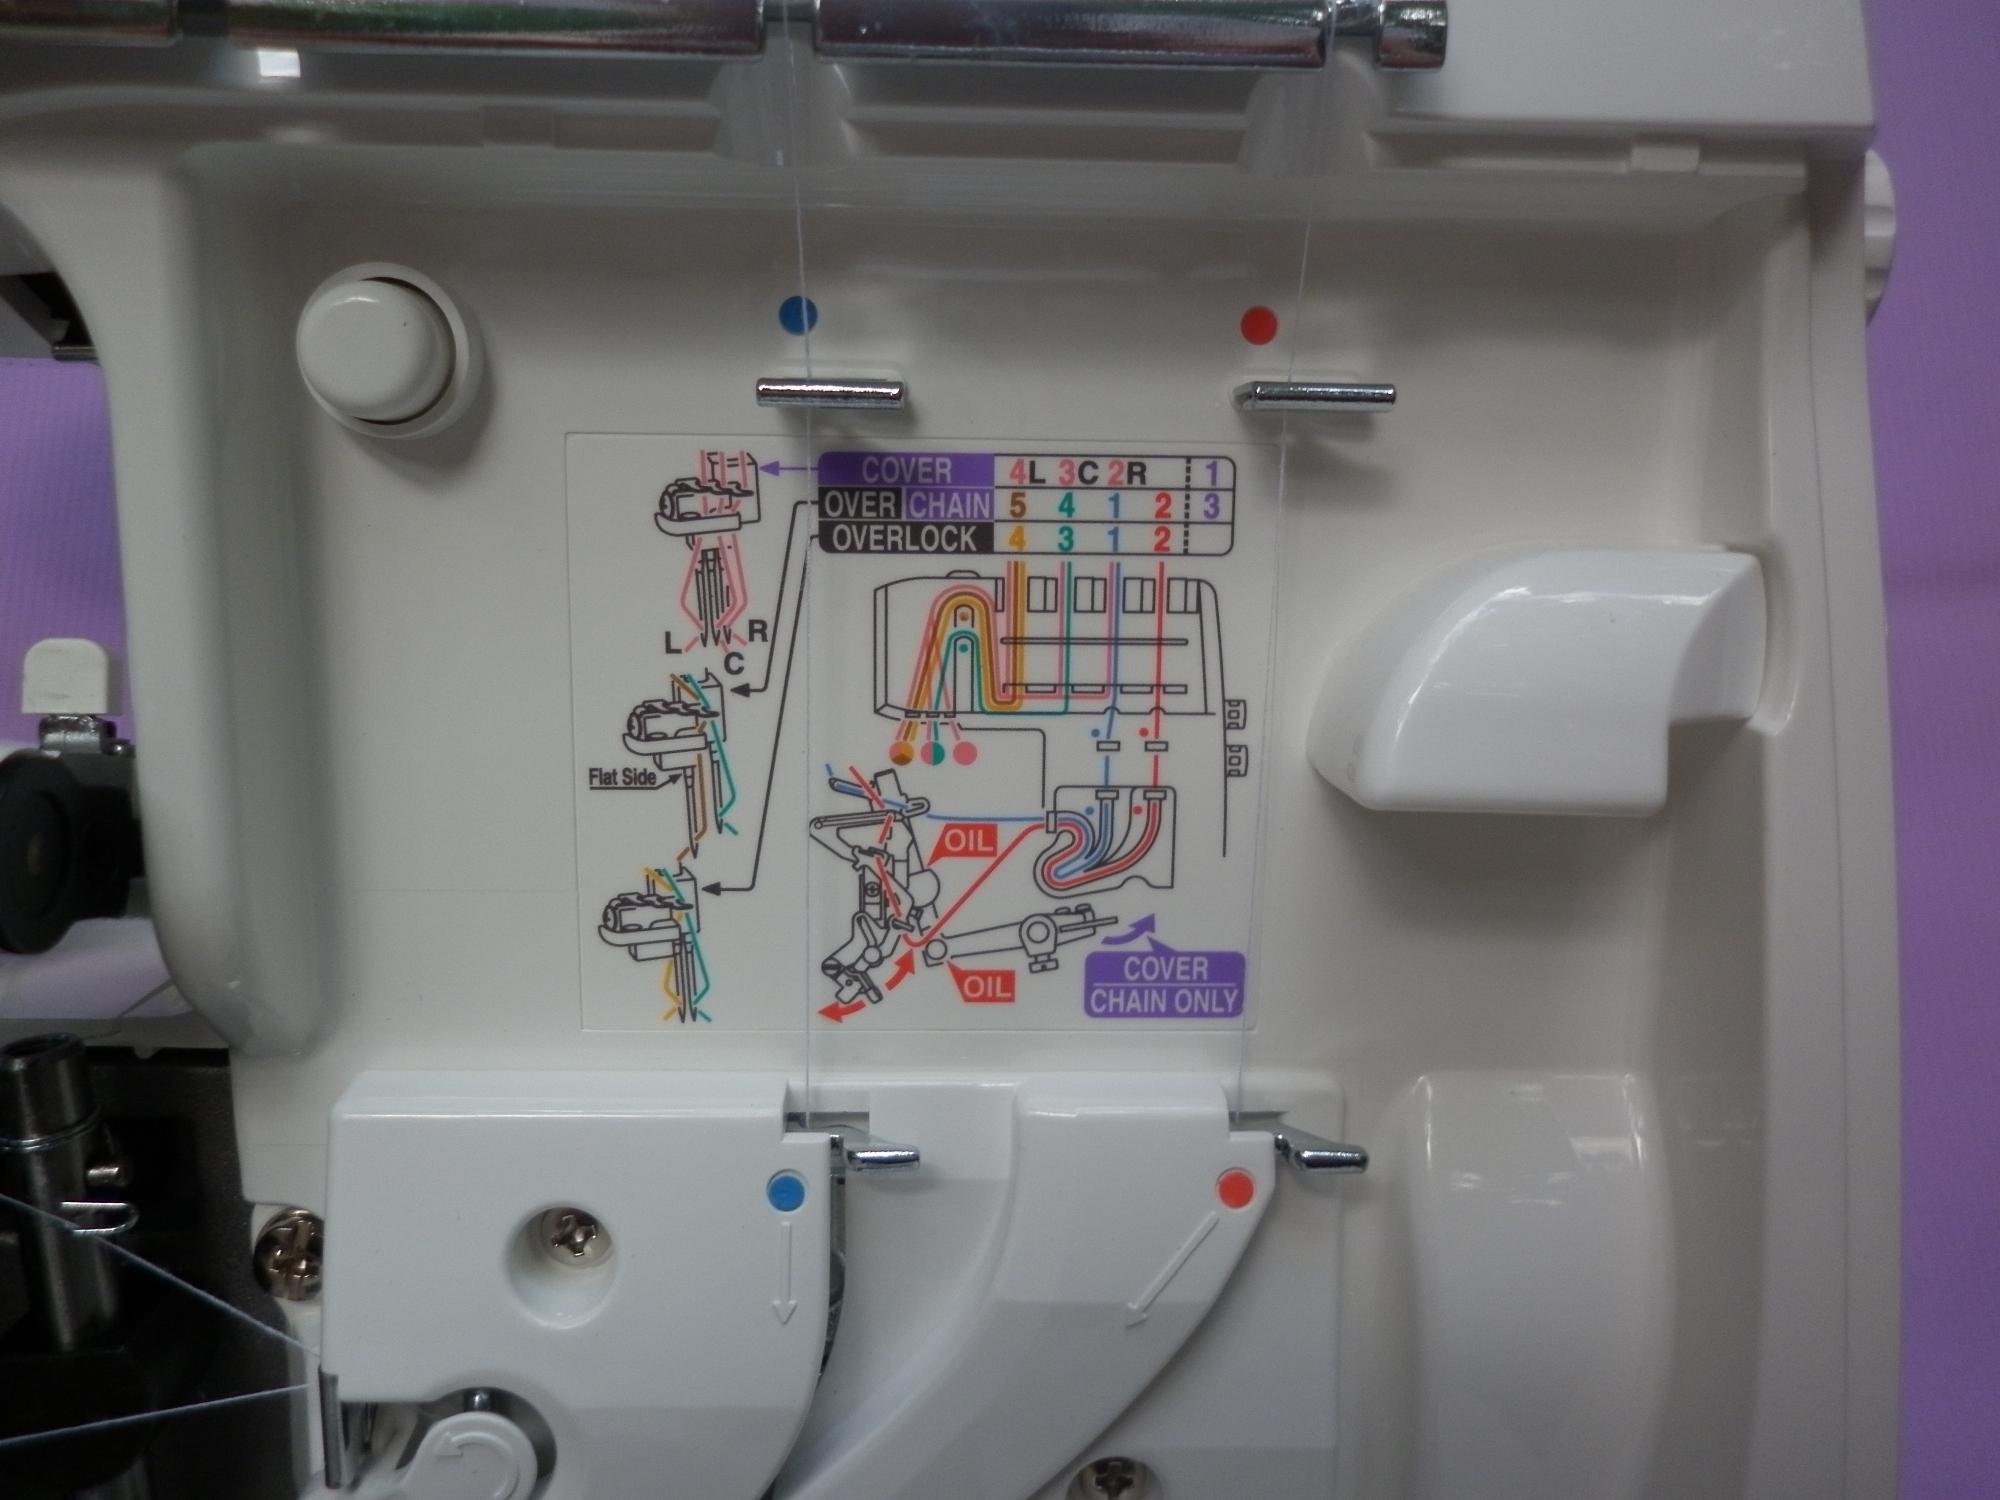 Коверлок JUKI MO 735 ( оверлок - плоскошовная швейная машина ), избражение схемы заправки нитей на корпусе коверлока.